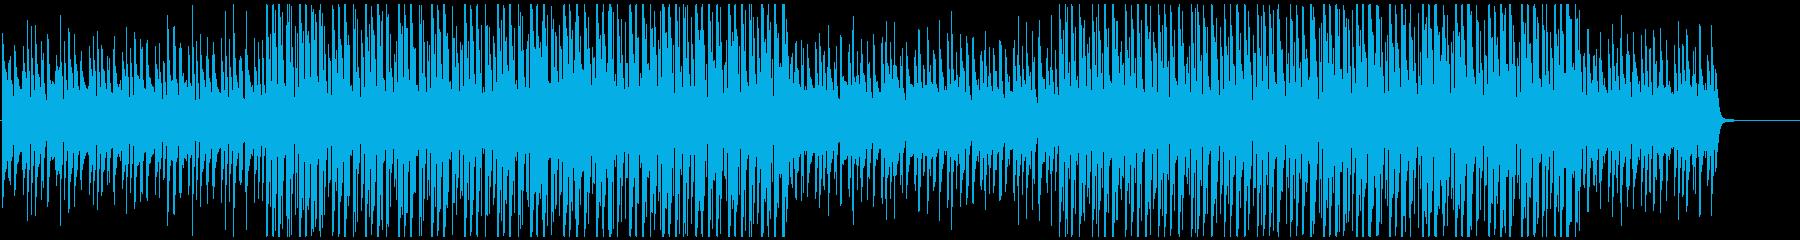 チルアウトで近未来・おしゃれなエレクトロの再生済みの波形